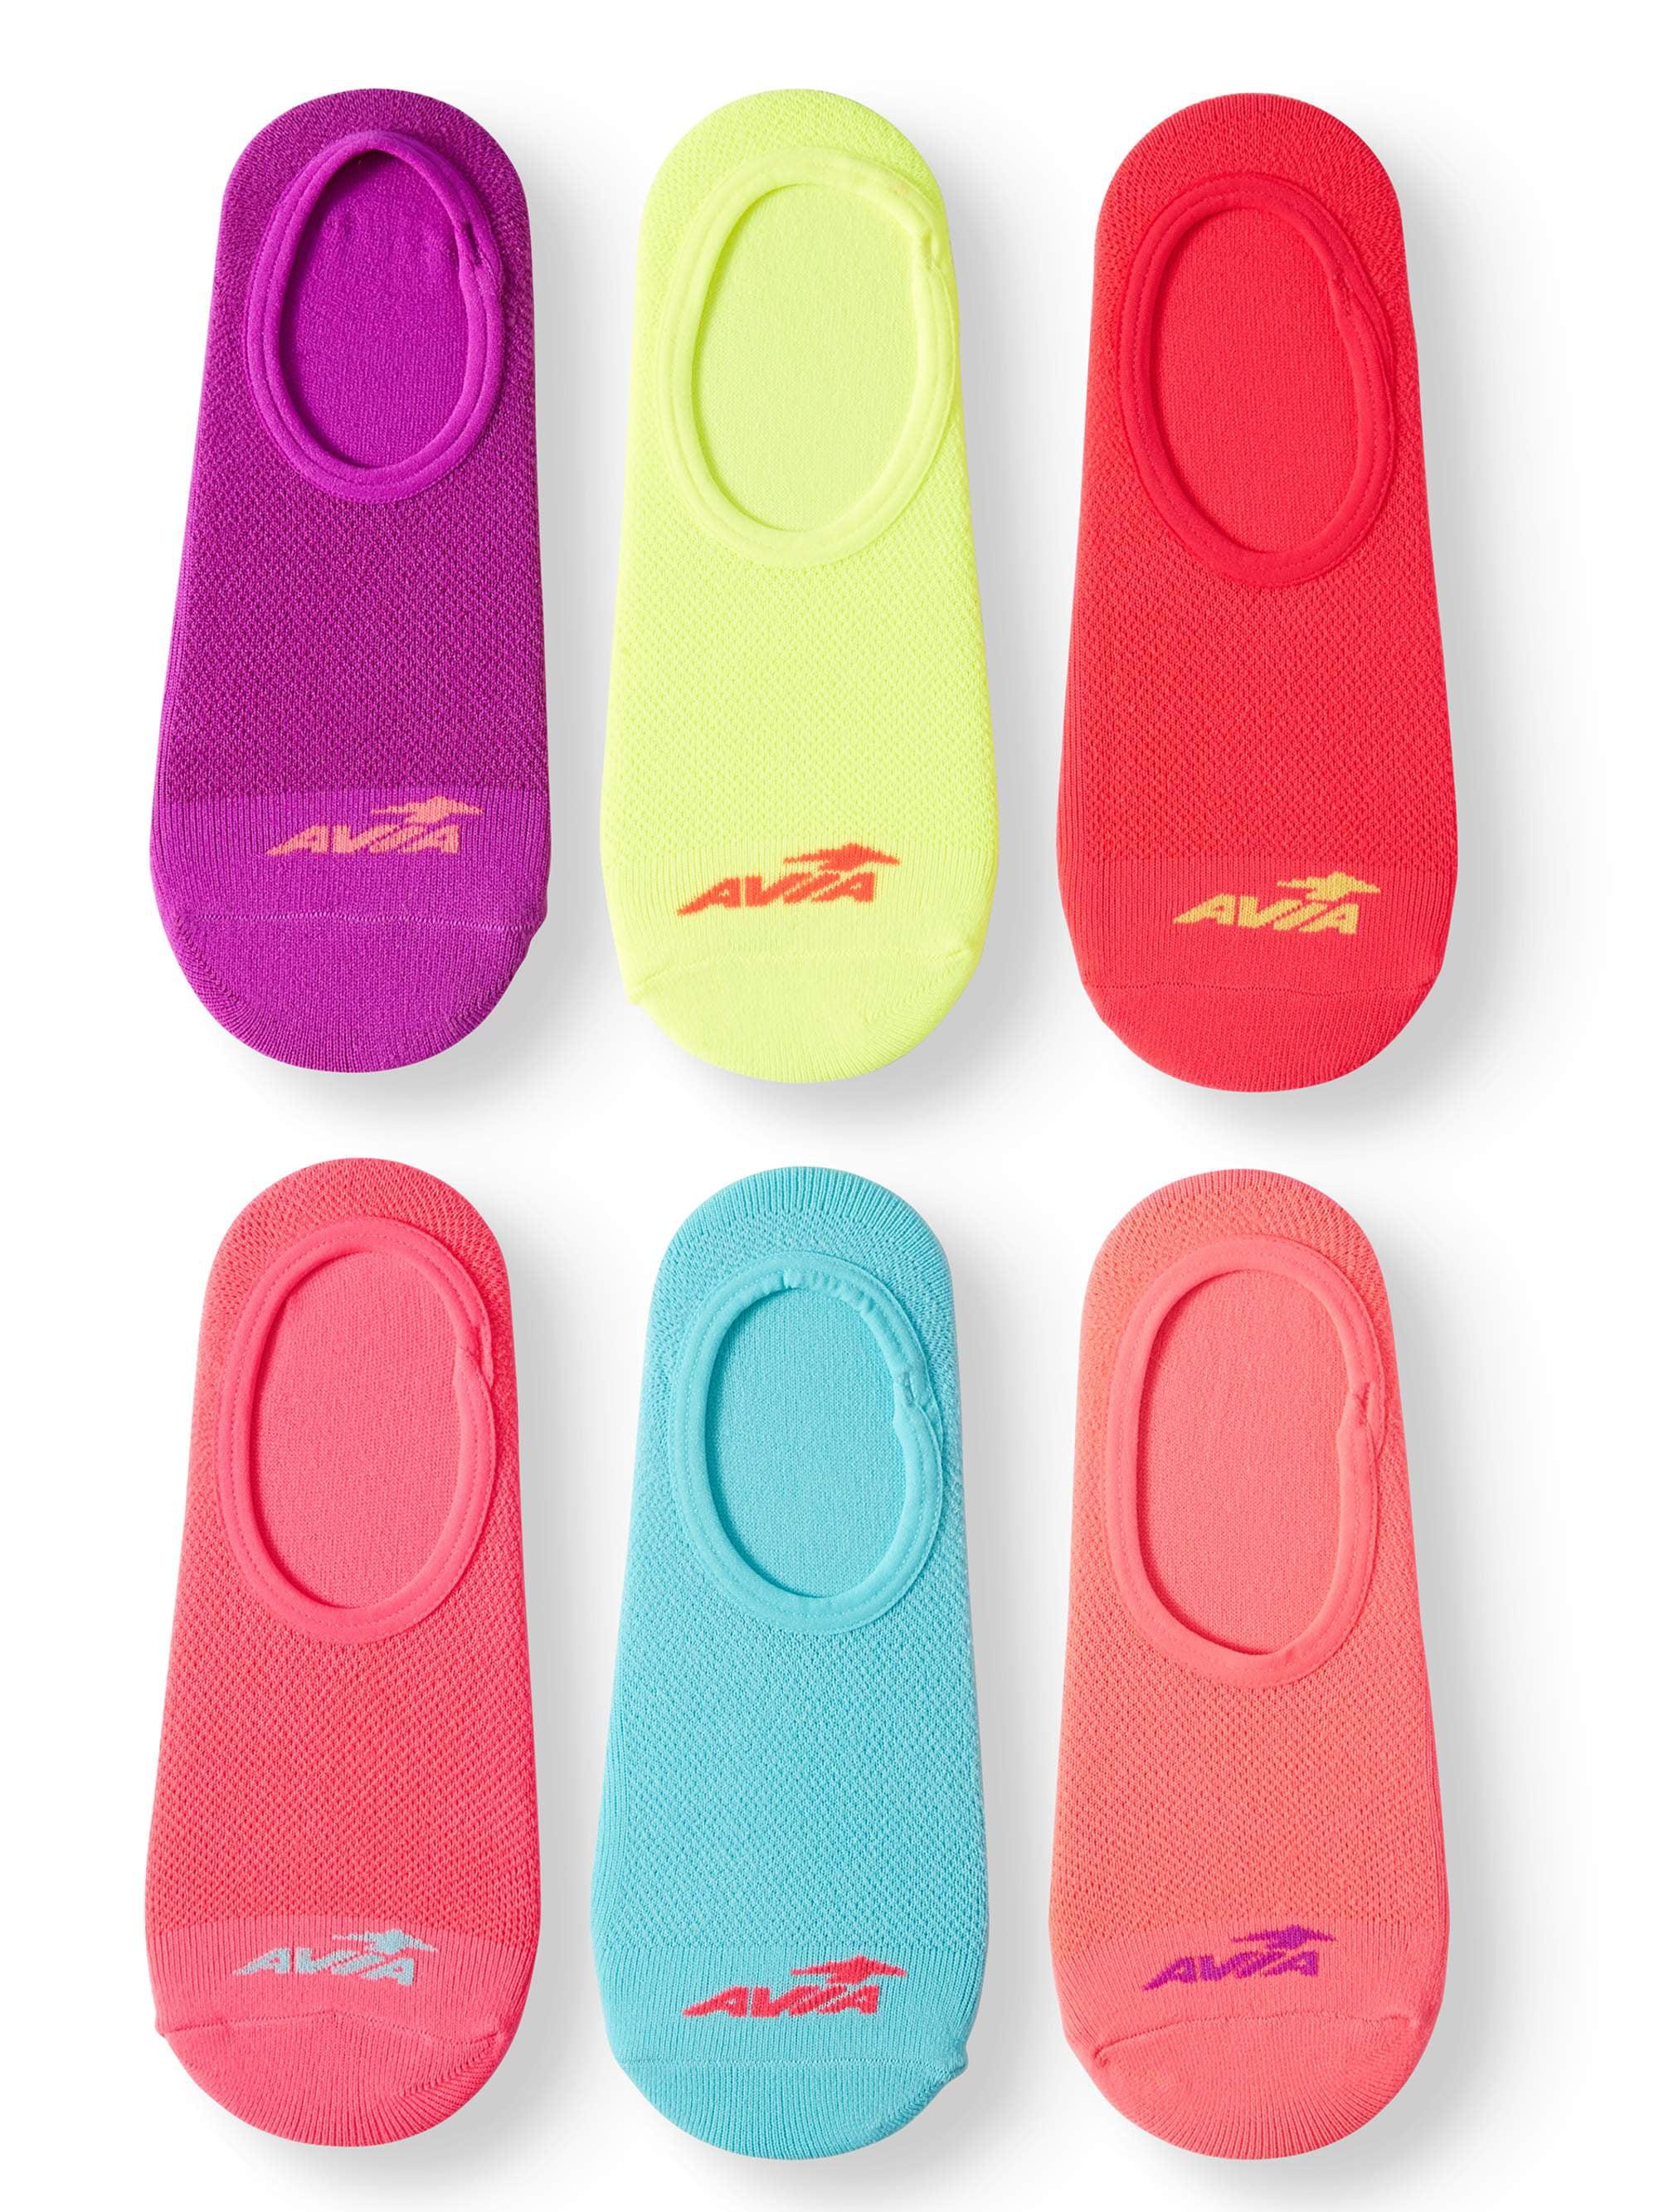 Ladies Sport Liner Socks, 6 Pack